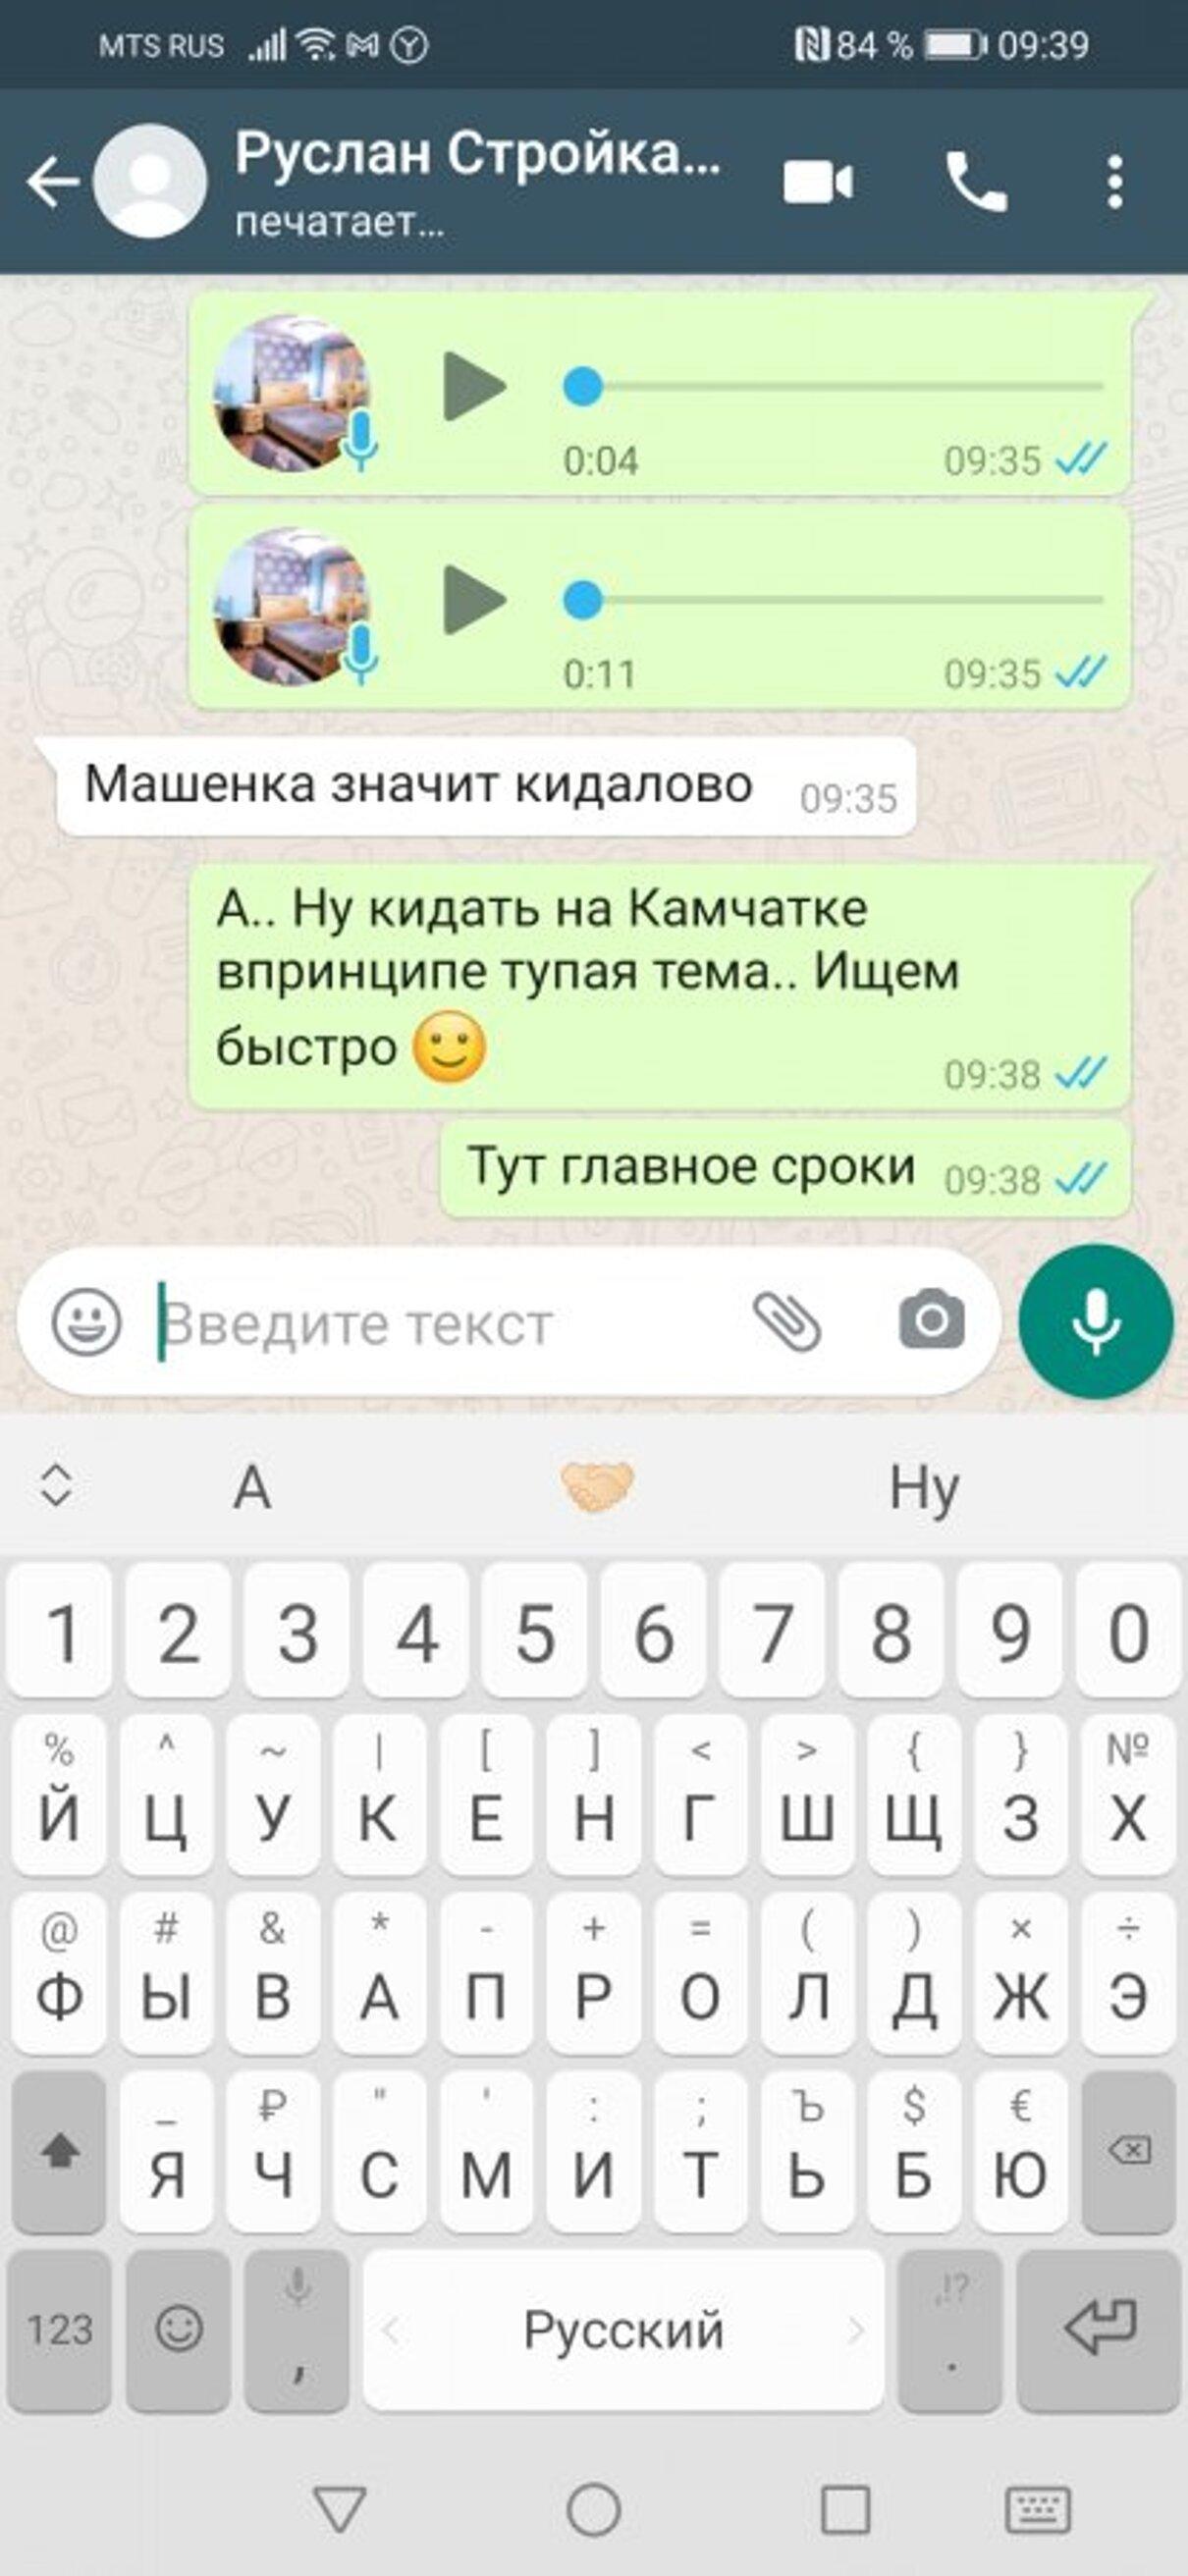 Жалоба-отзыв: ИП Багыров Руслан Рафигович - Обманул с заказом на проектирование